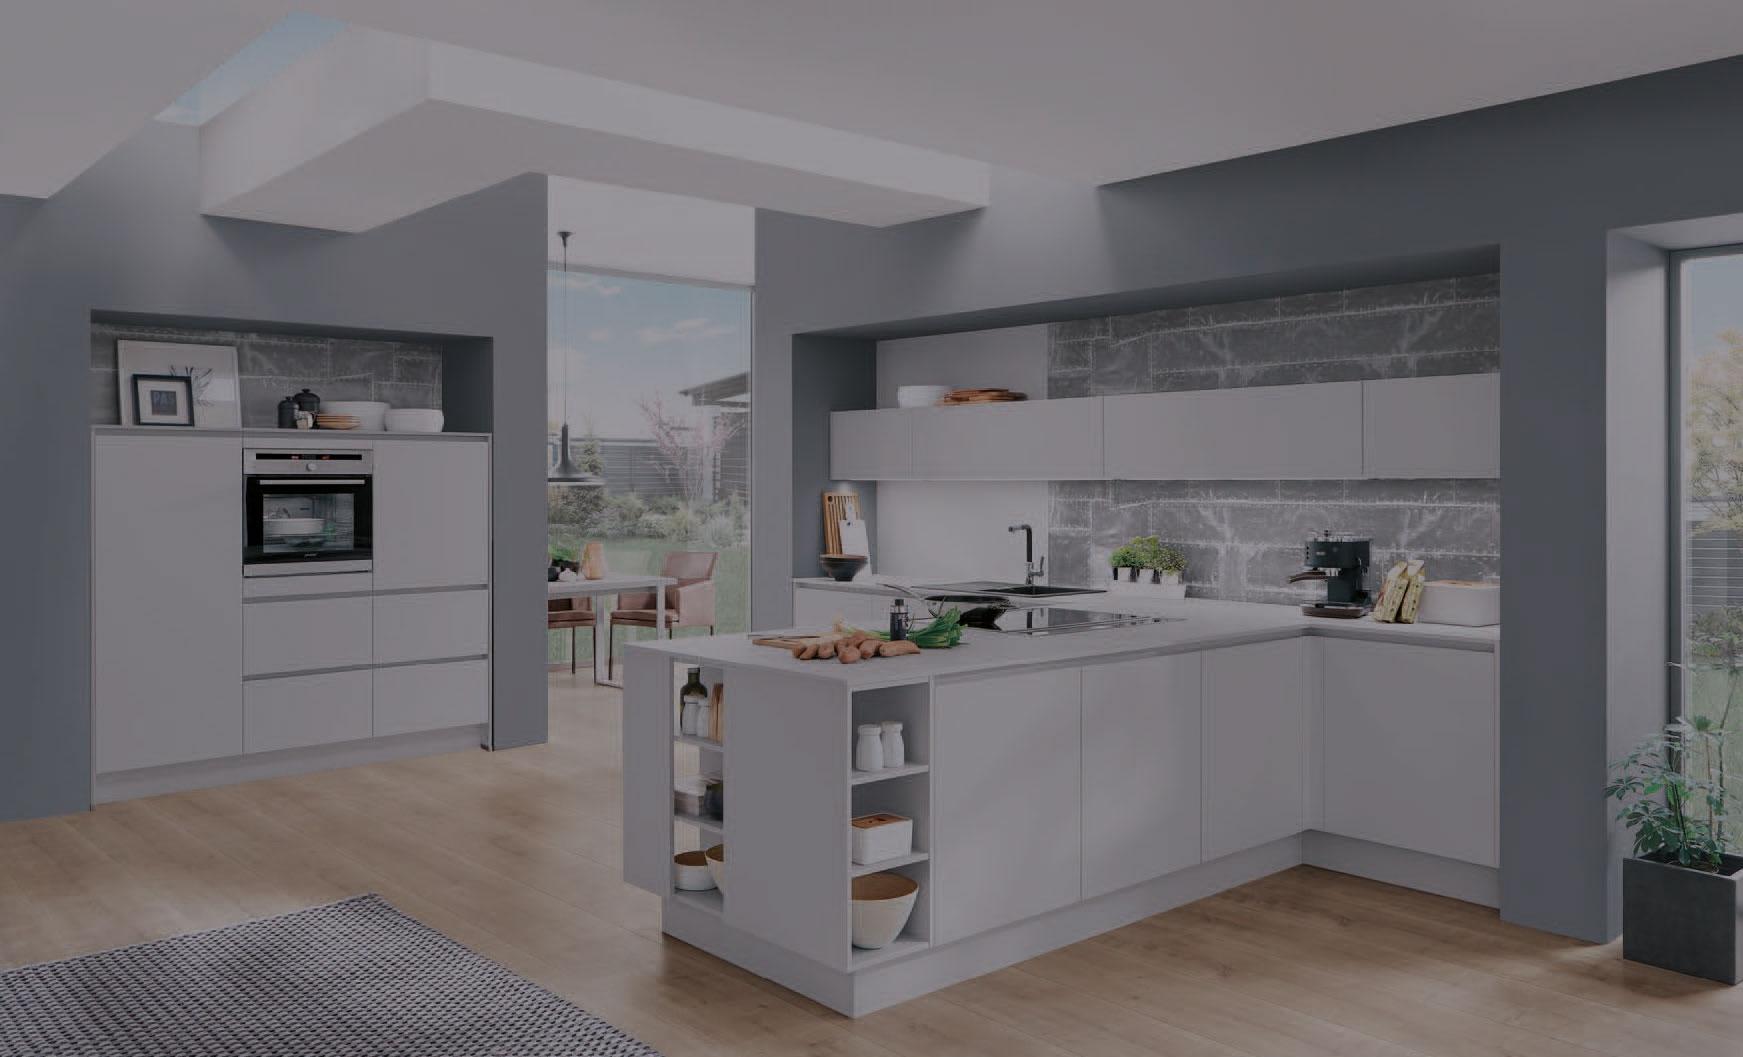 Küchenausstattung Küchenstudio Eichenhaus Hitschler | Küchenausstattung